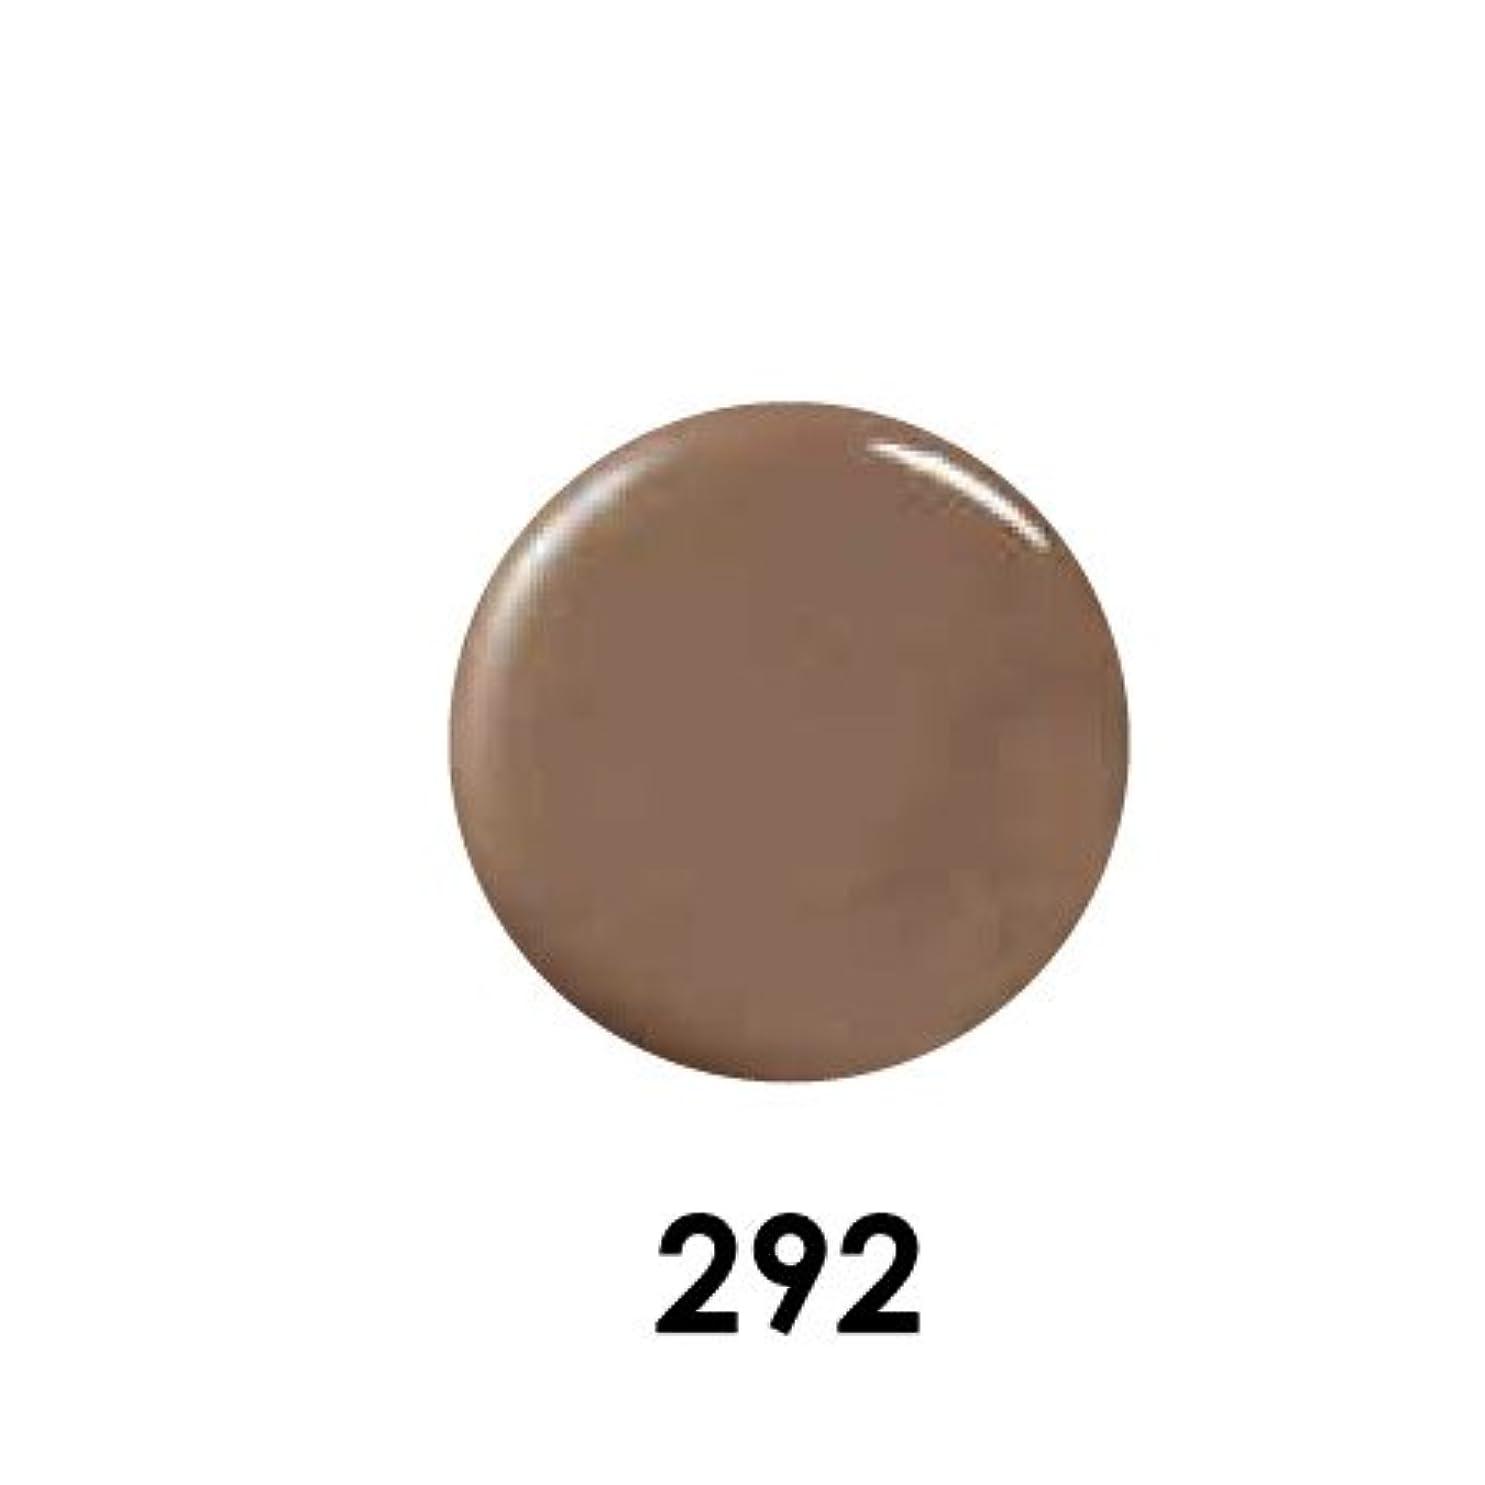 レコーダーパーチナシティステレオタイプPutiel プティール カラージェル 292 ジプシーブラウン 2g (MARIEプロデュース)